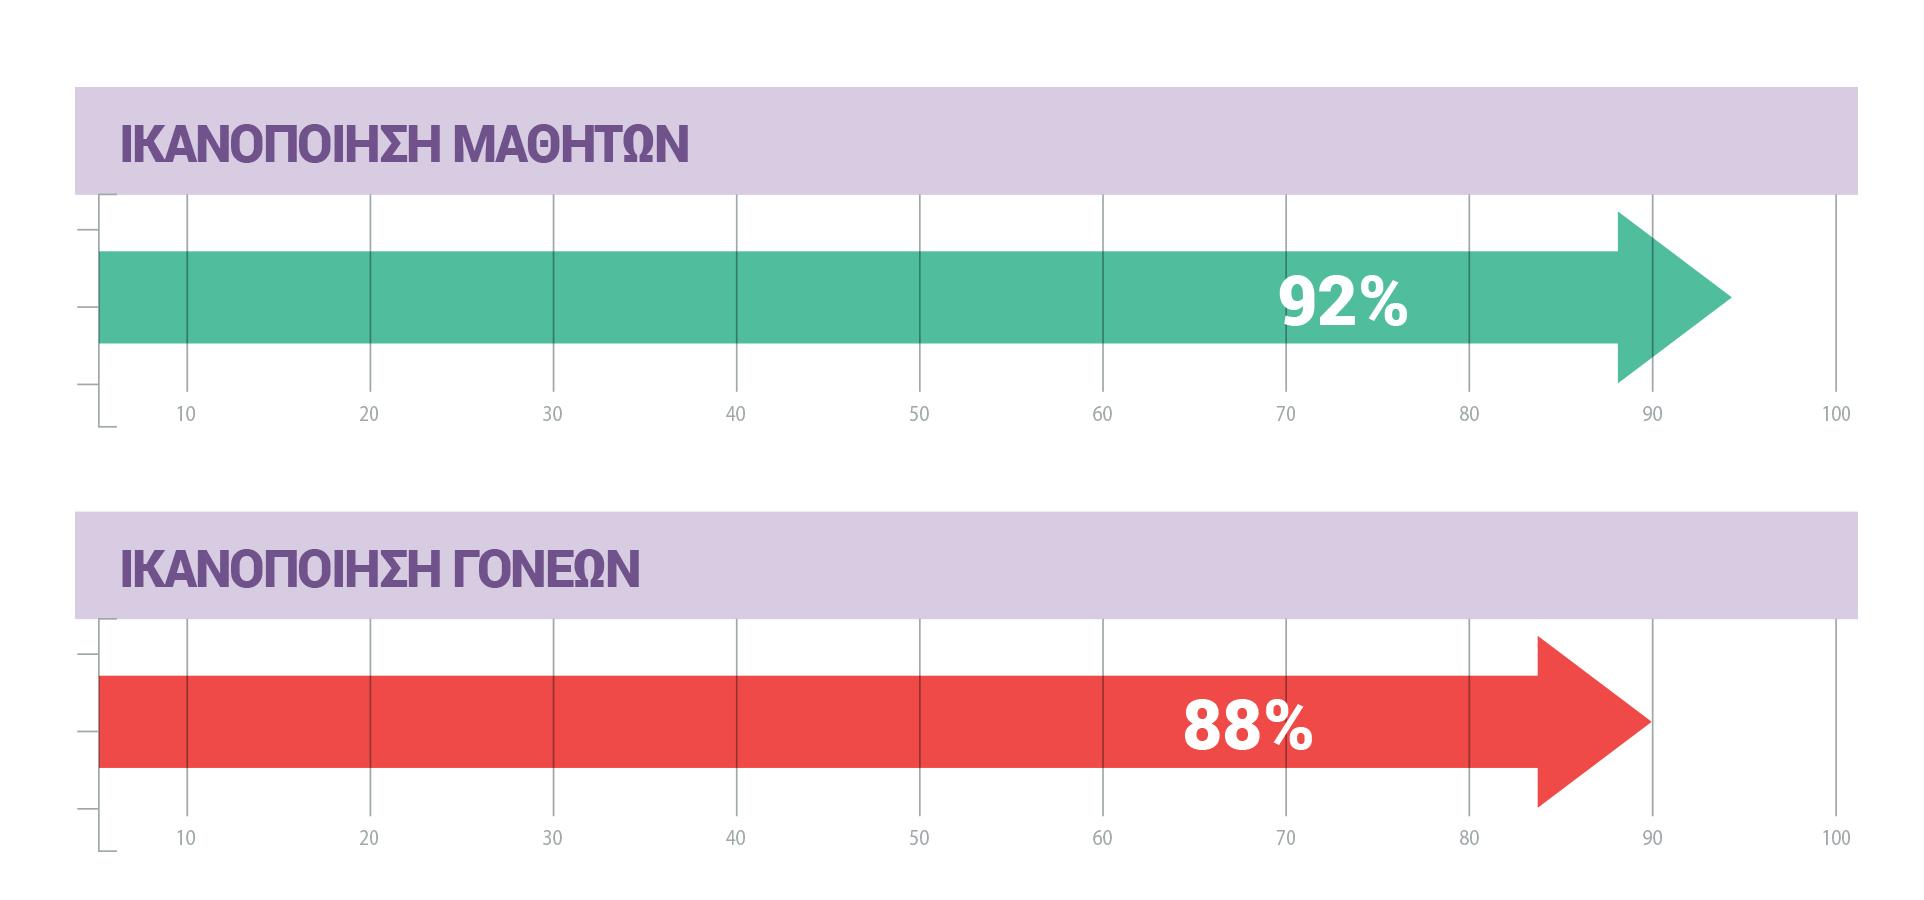 Ικανοποίηση Μαθητών 92 τοις εκατό και ικανοποίηση Γονέων 88 τοις εκατό